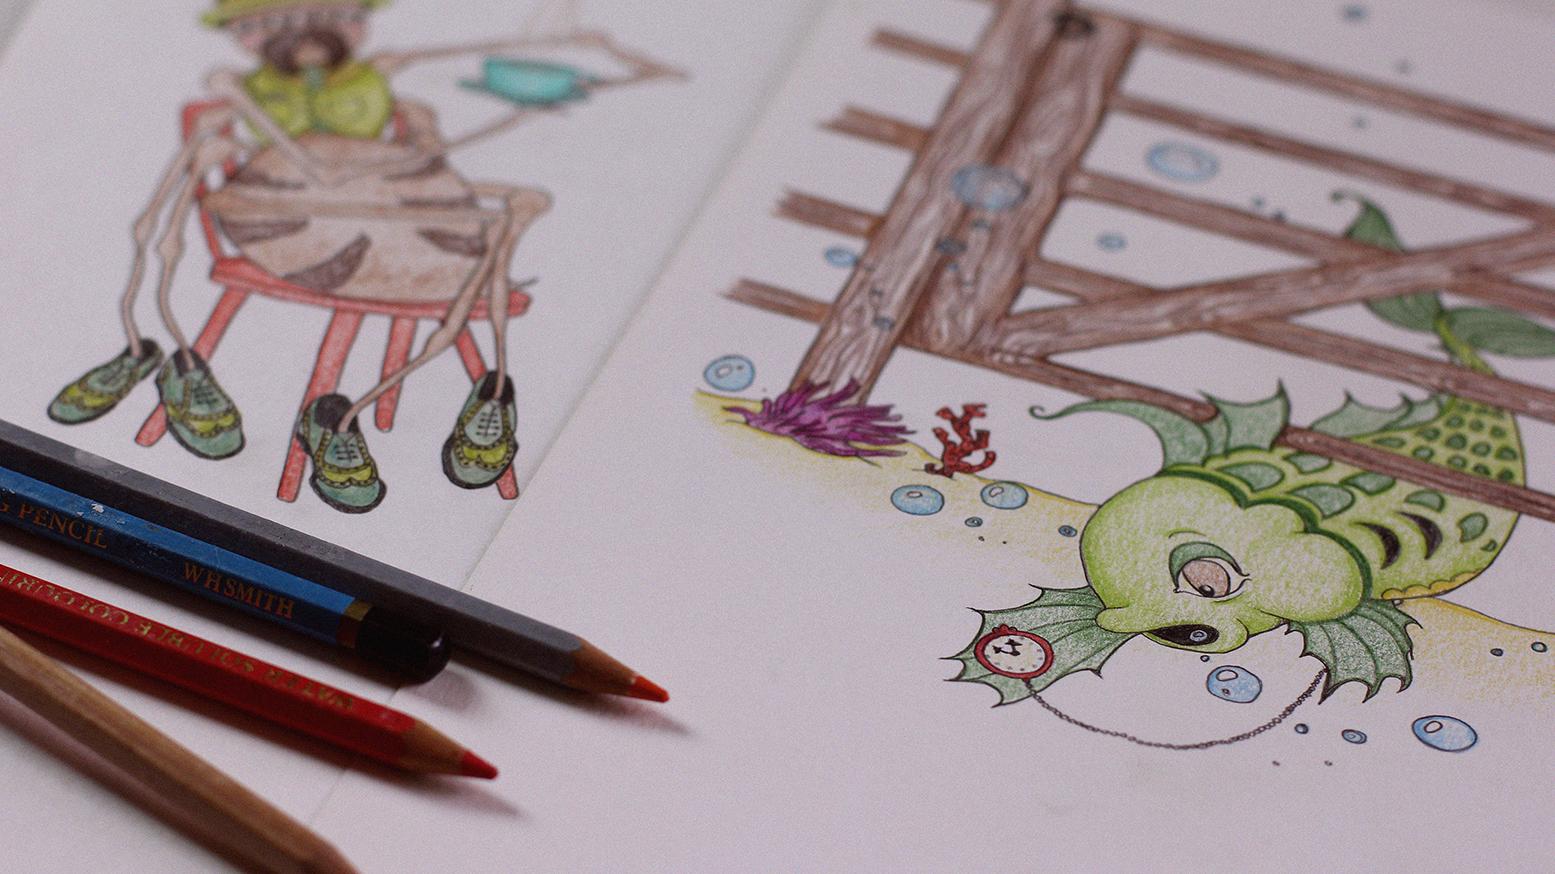 Gallery Crayon Illustration copy.jpg